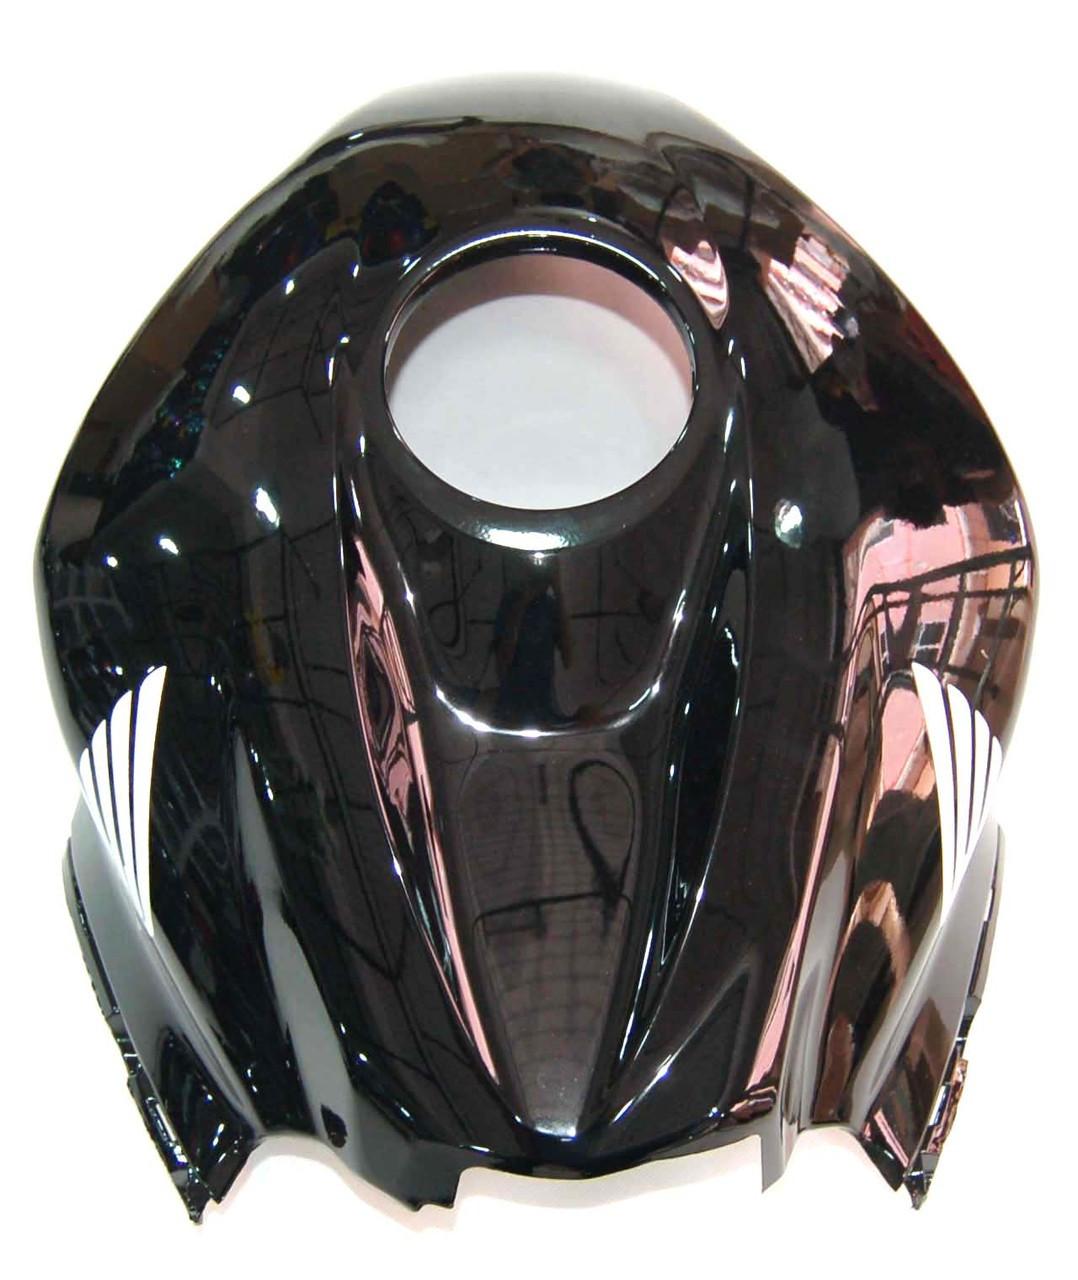 Fairings Honda CBR 600 RR Black CBR Racing (2009-2012)